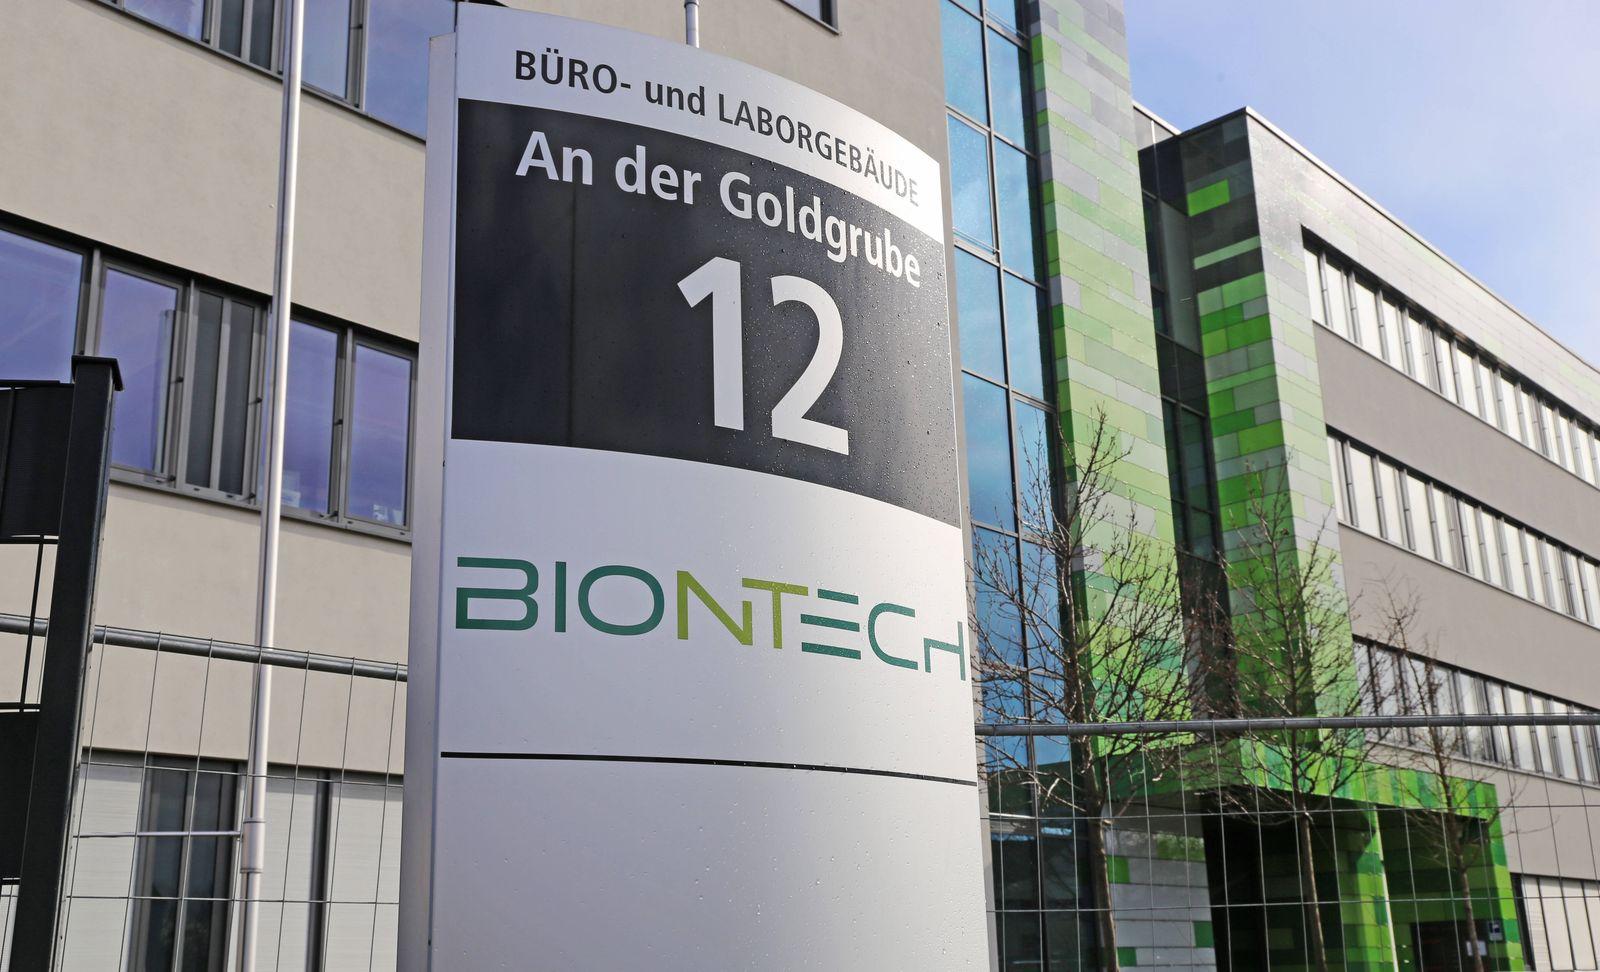 Biontech meldet 480 Millionen Dollar Umsatz - DER SPIEGEL